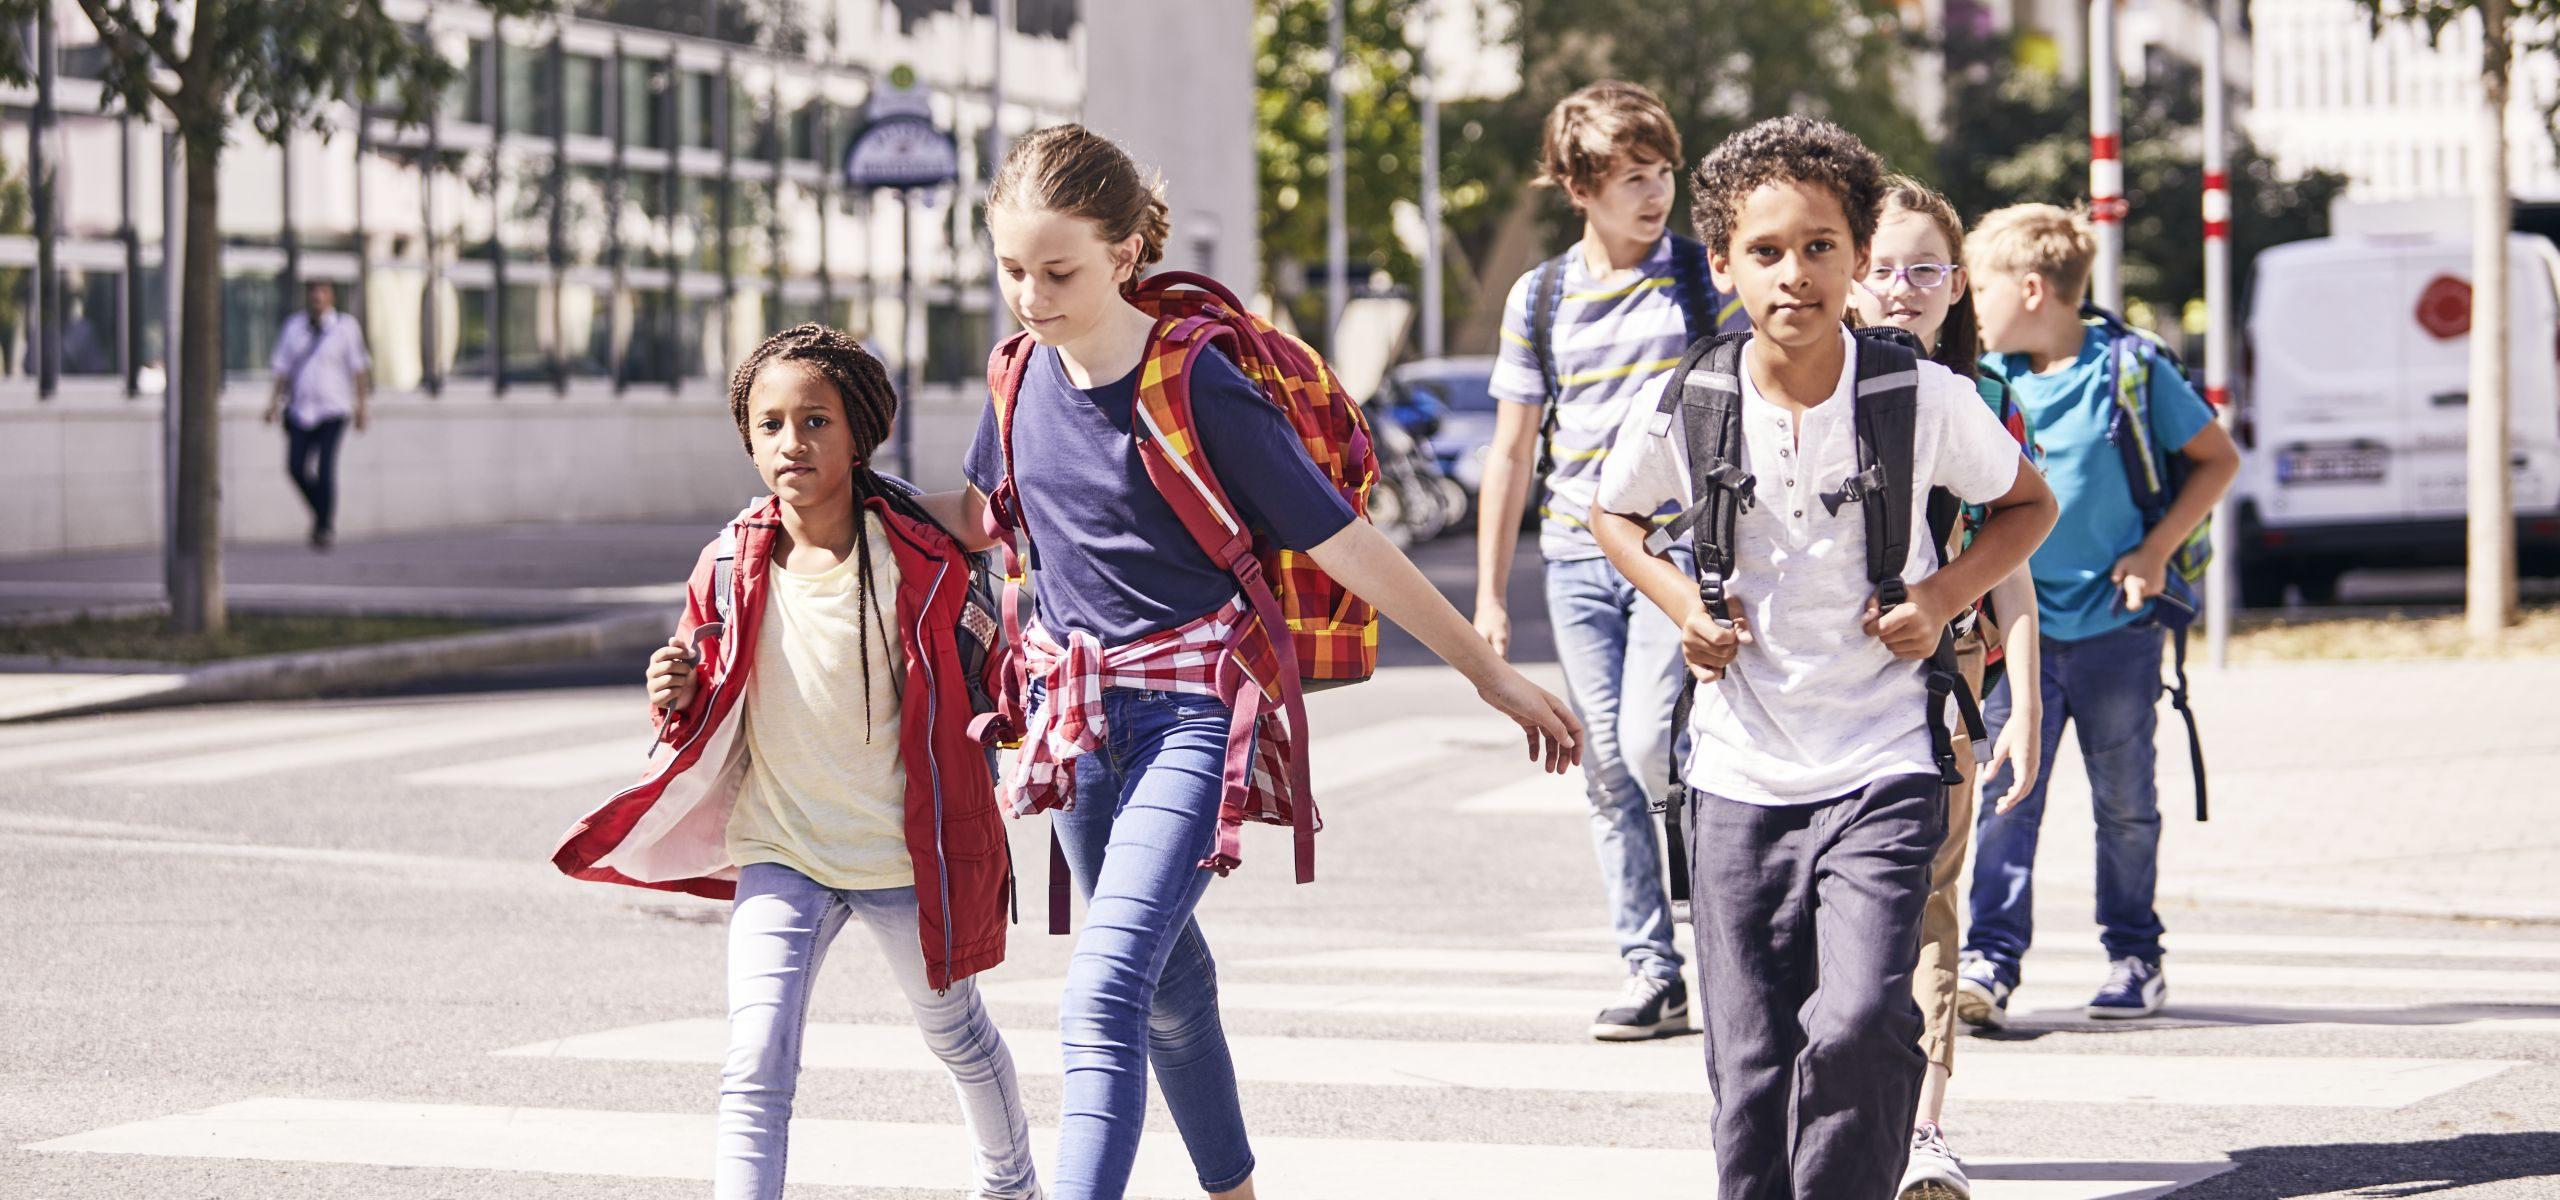 Fünf Kinder mit Rucksäcken auf dem Weg zur Schule